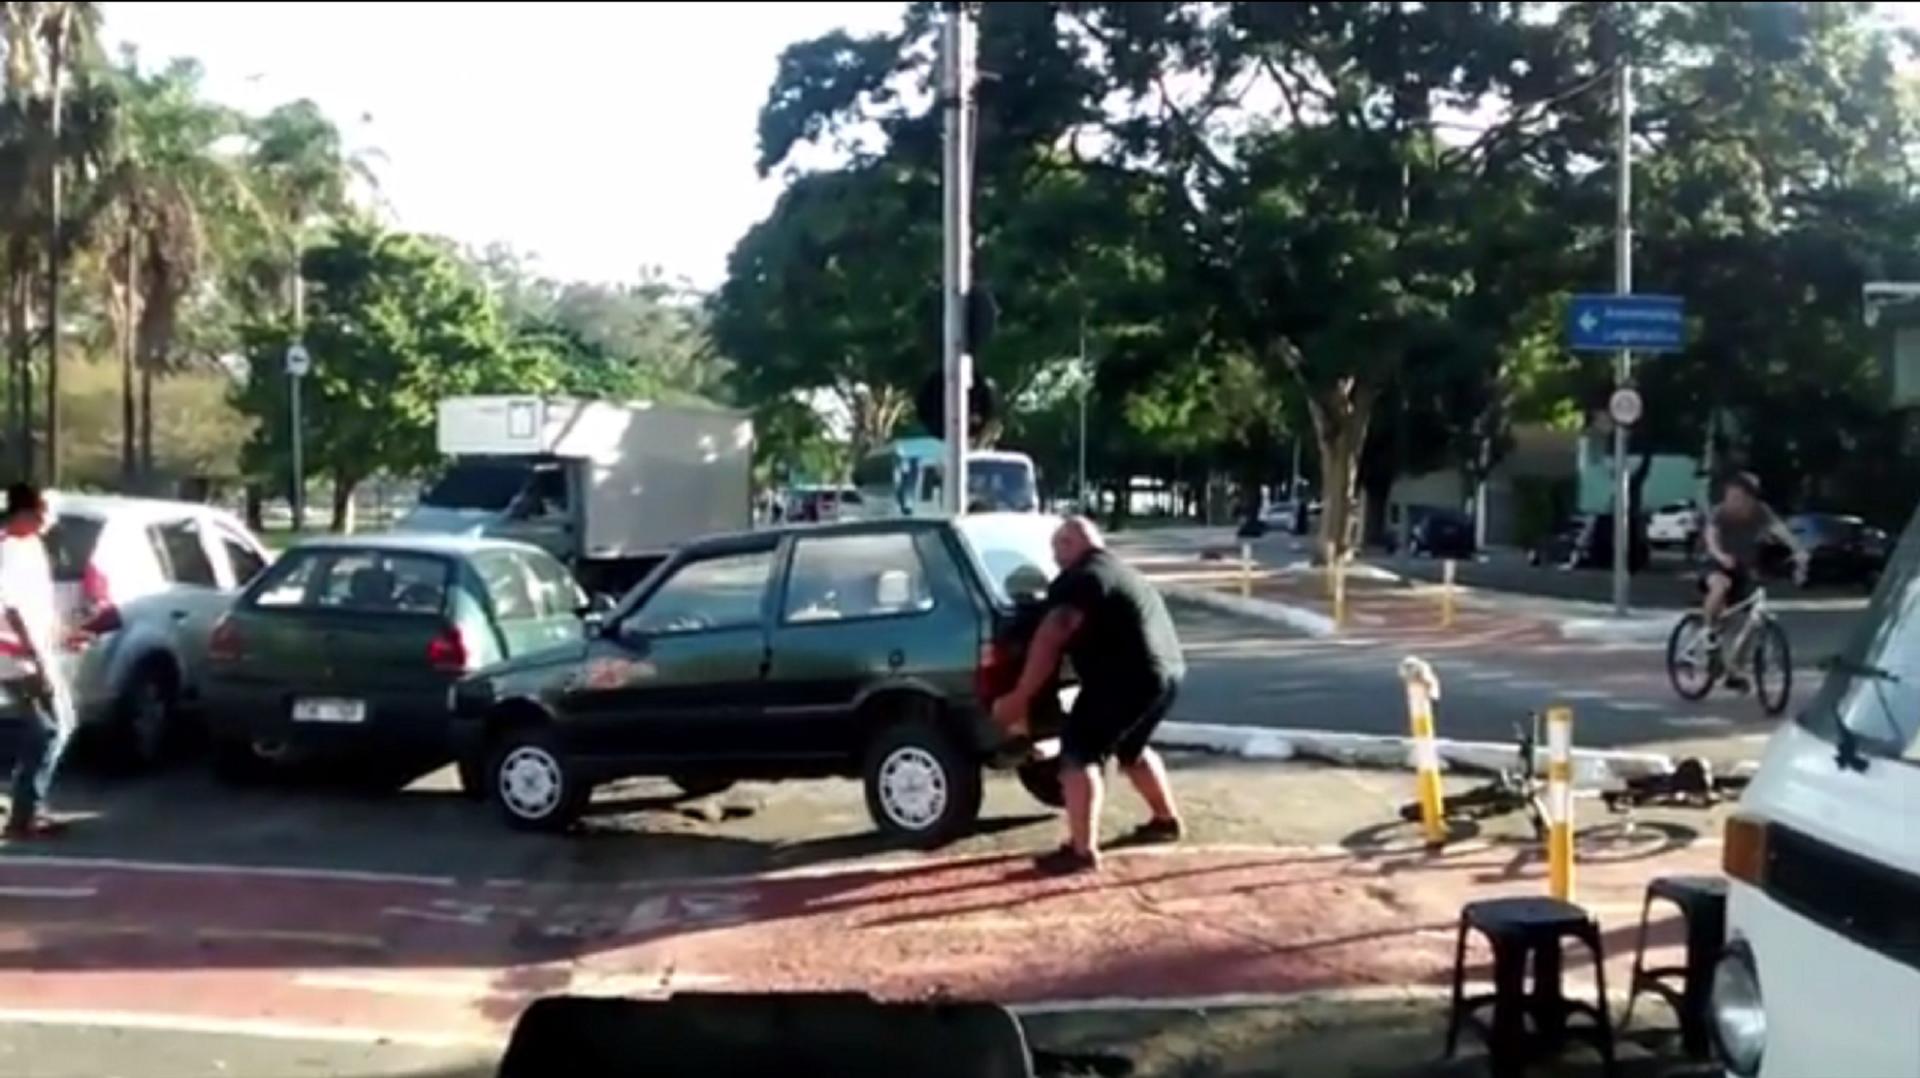 Ein Auto blockiert einen Radweg in Brasilien. Einem Fahrradfahrer geht das dermaßen gegen den Strich, dass er den Kleinwagen mit purer Muskelkraft vom Weg hievt.